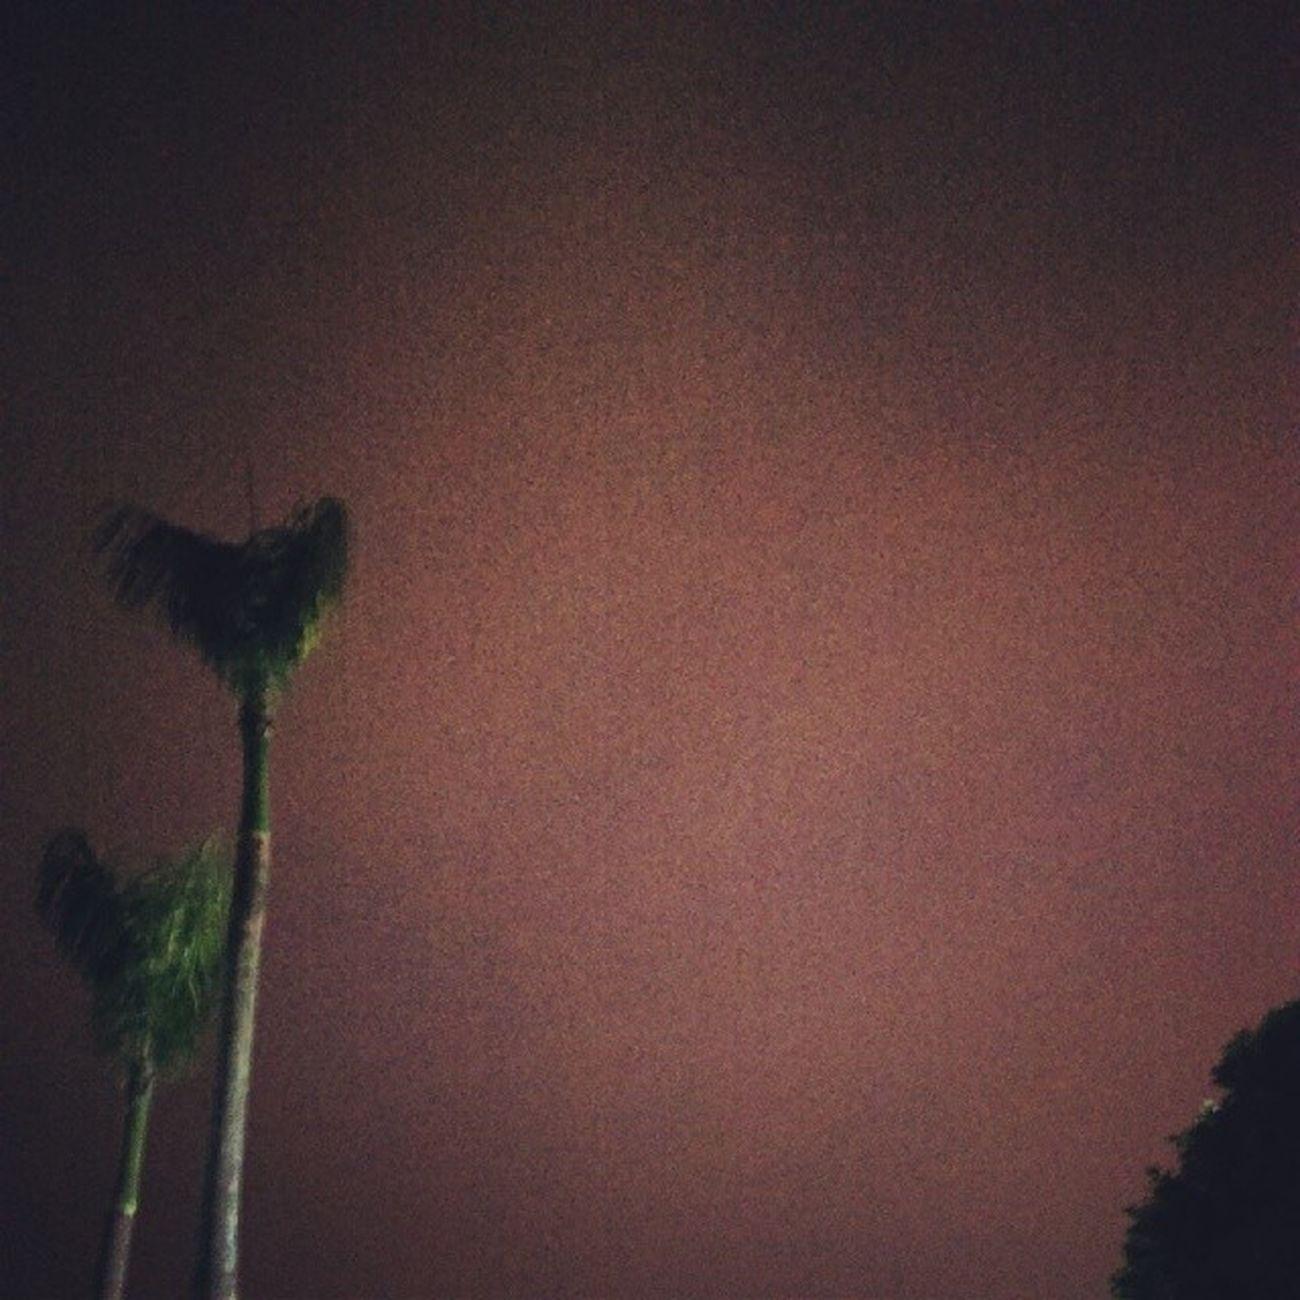 嗨 我這裡的天空 被光渲染成淡淡的粉紅色